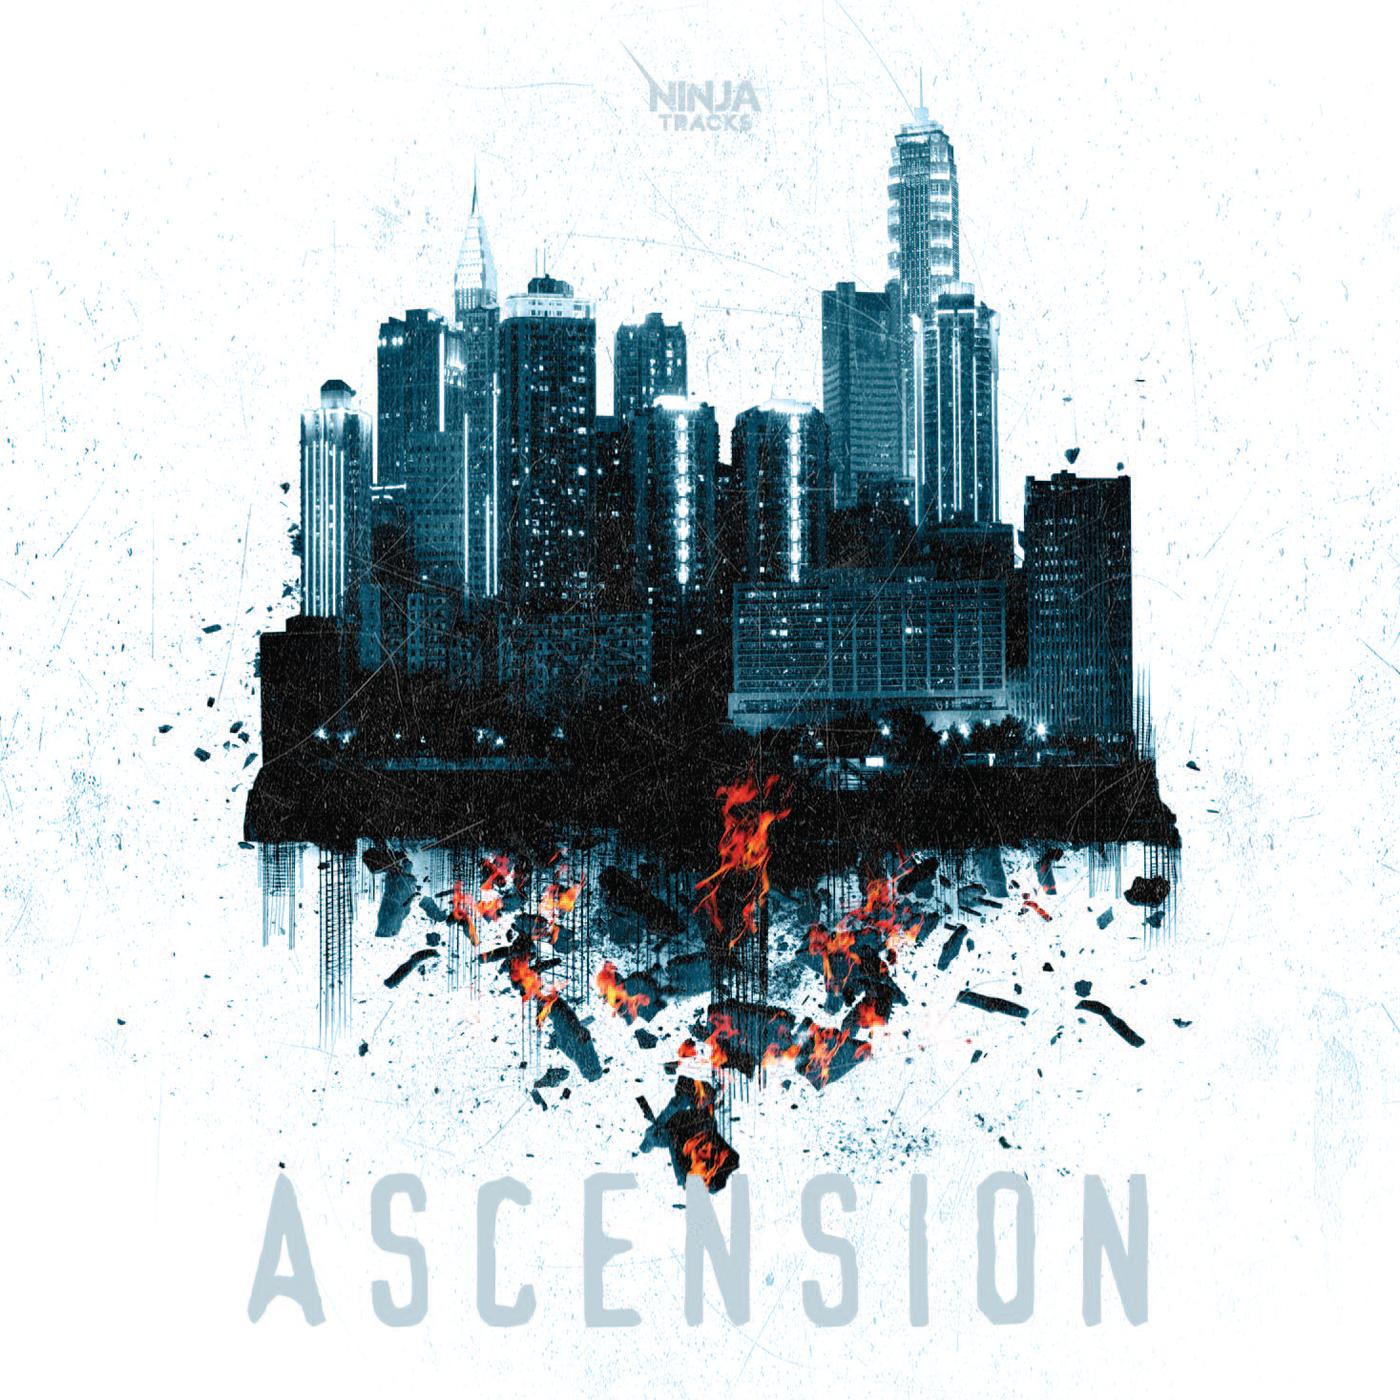 Ascension Hi Res 1400x (no rev).jpg